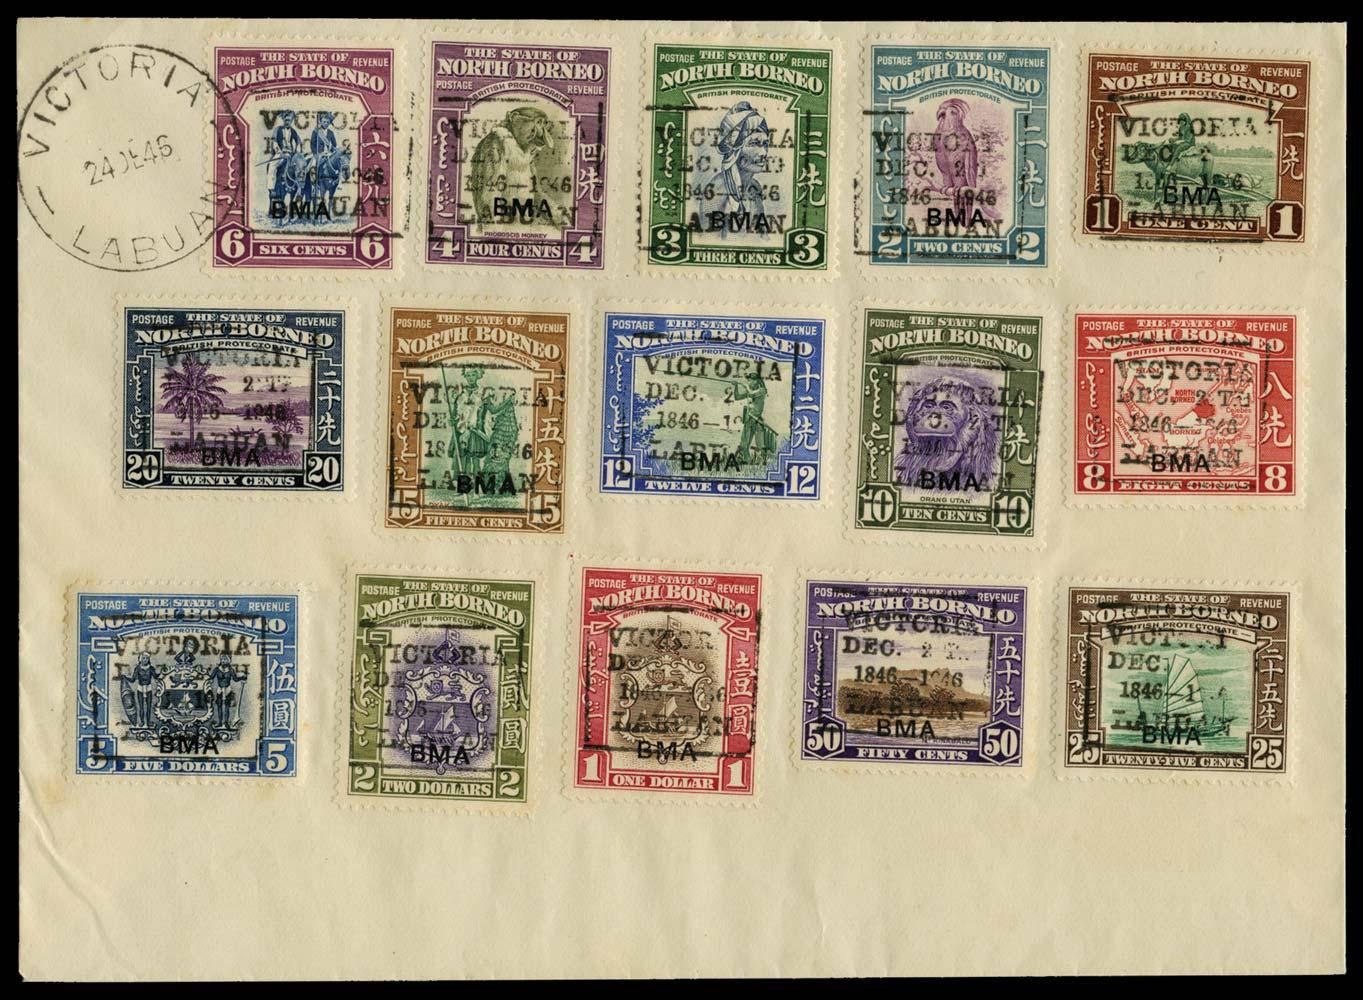 NORTH BORNEO 1946  SG320/34 Cover